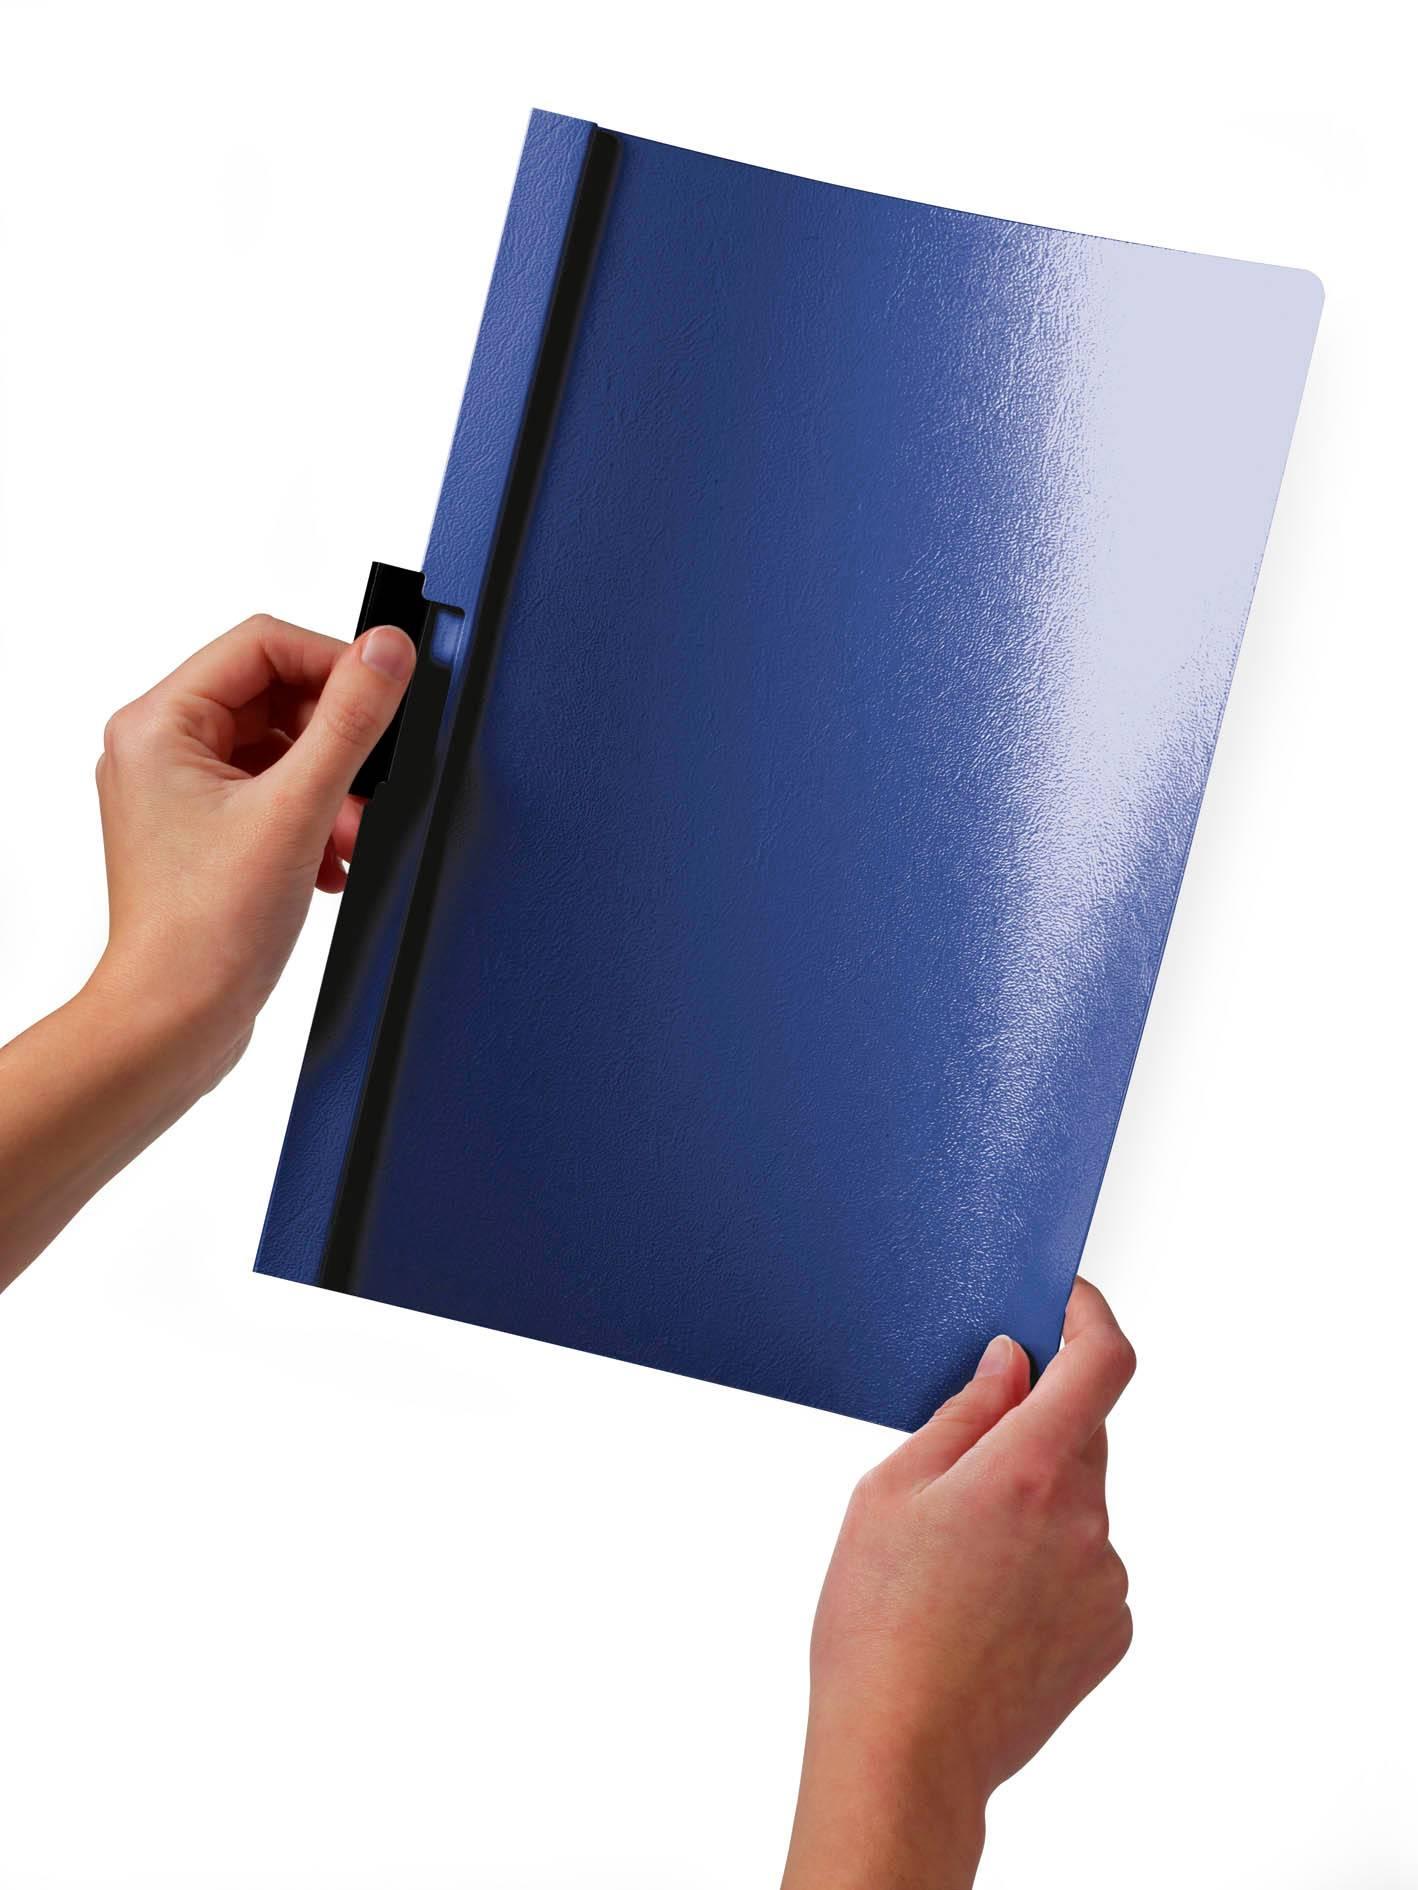 Папка-клип Durable Duraclip 30 с верхним прозрачным листом 1-30 листов темно-синяя - фото 1